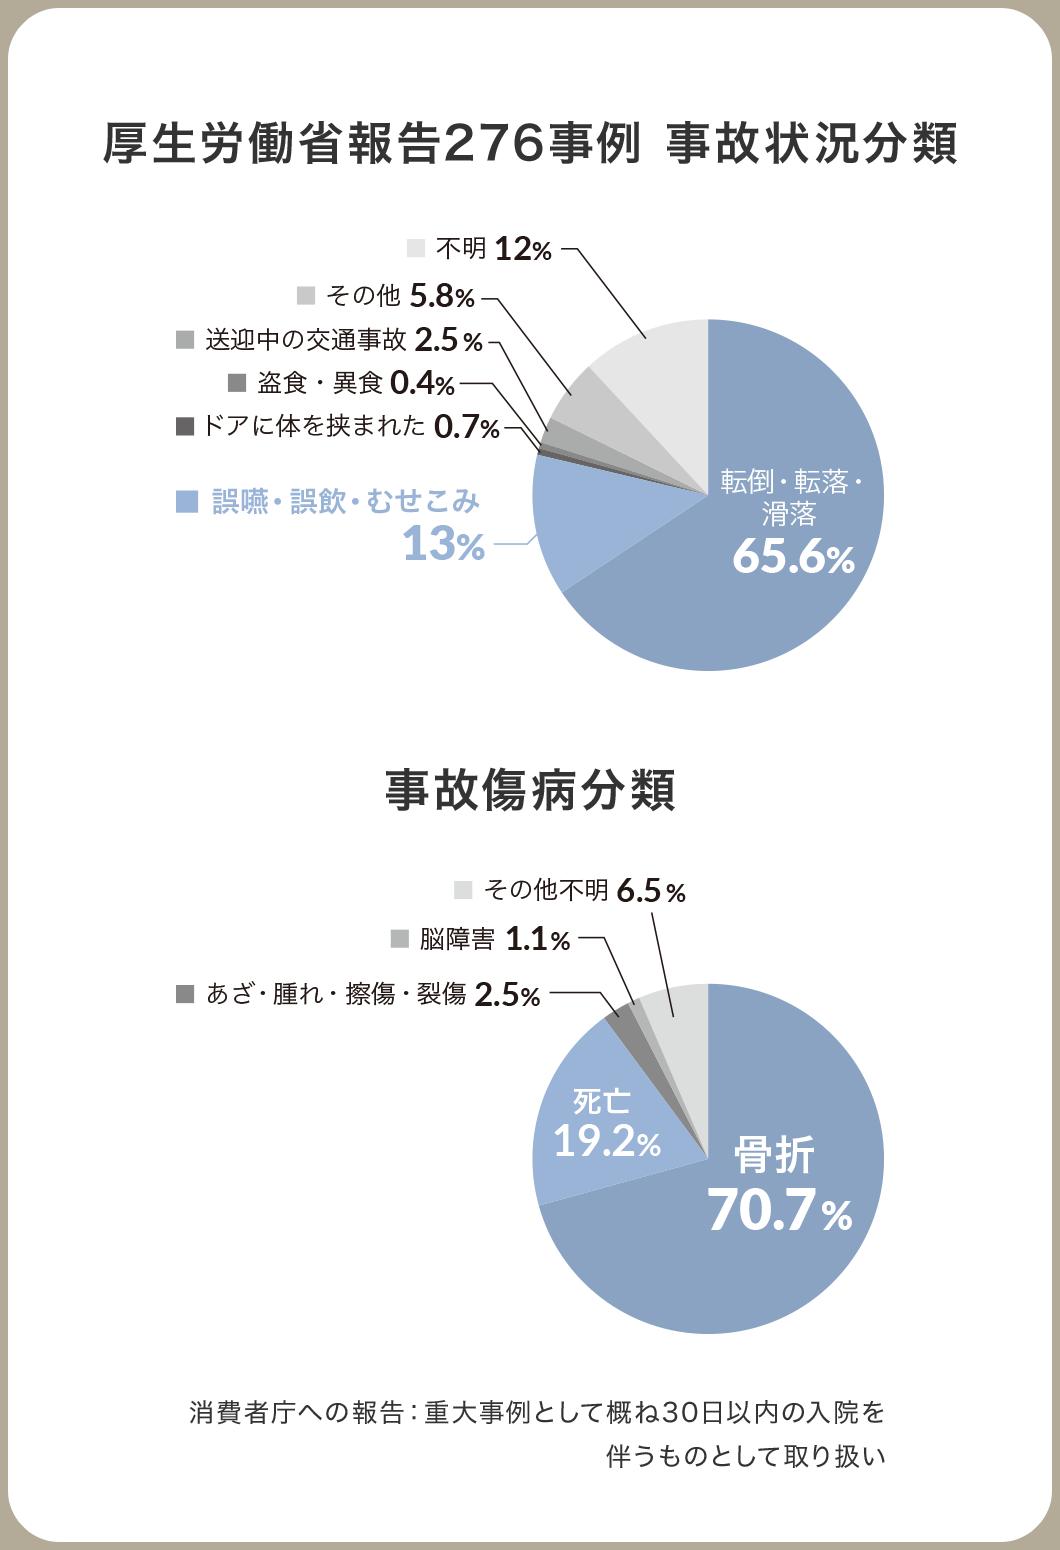 厚生労働省報告276事例 事故状況分類 事故傷病分類